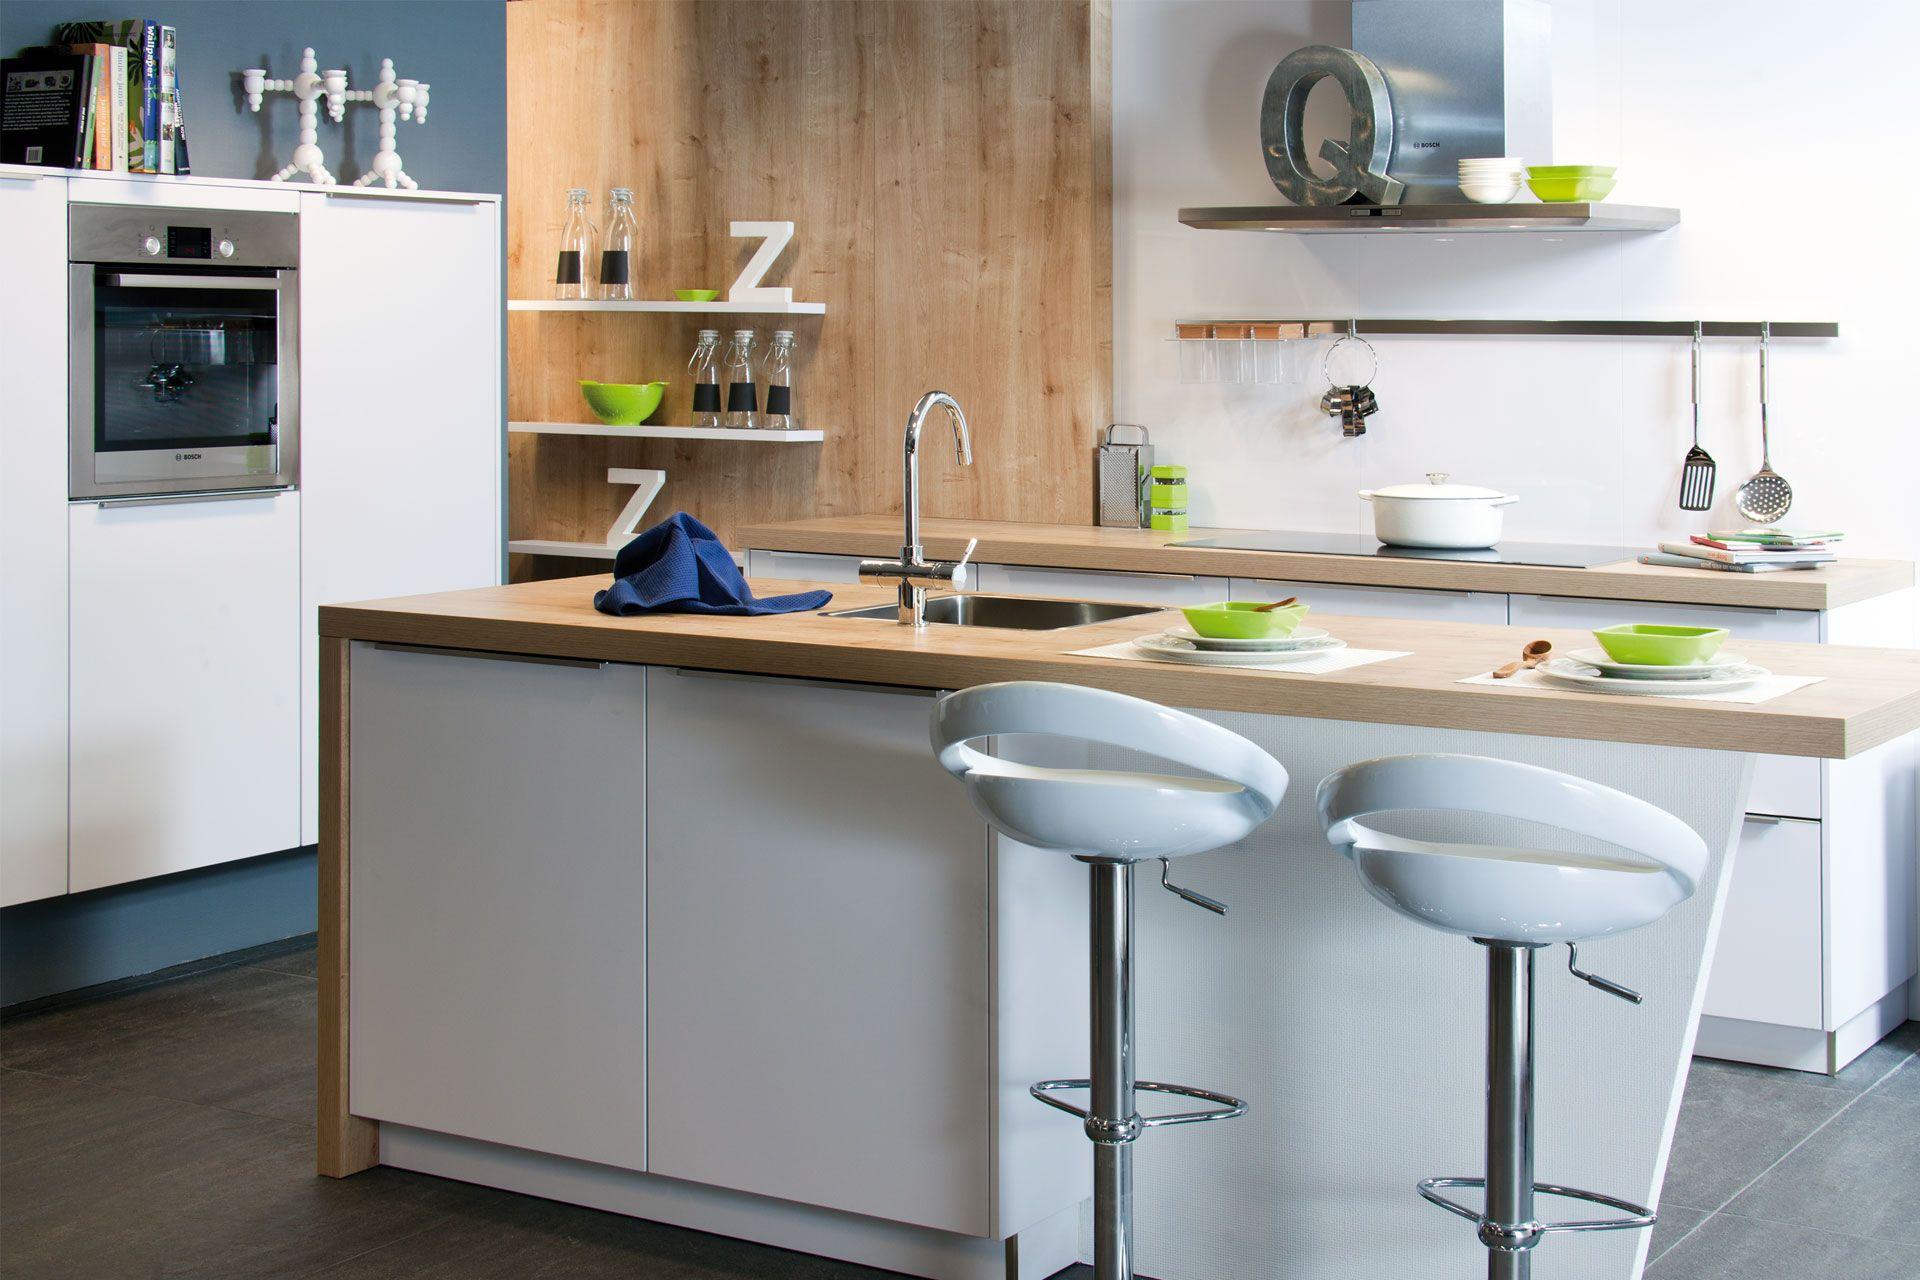 Afmetingen Keuken Met Eiland : keuken met eiland 48768 mat gelakte keuken met eiland van hacker met